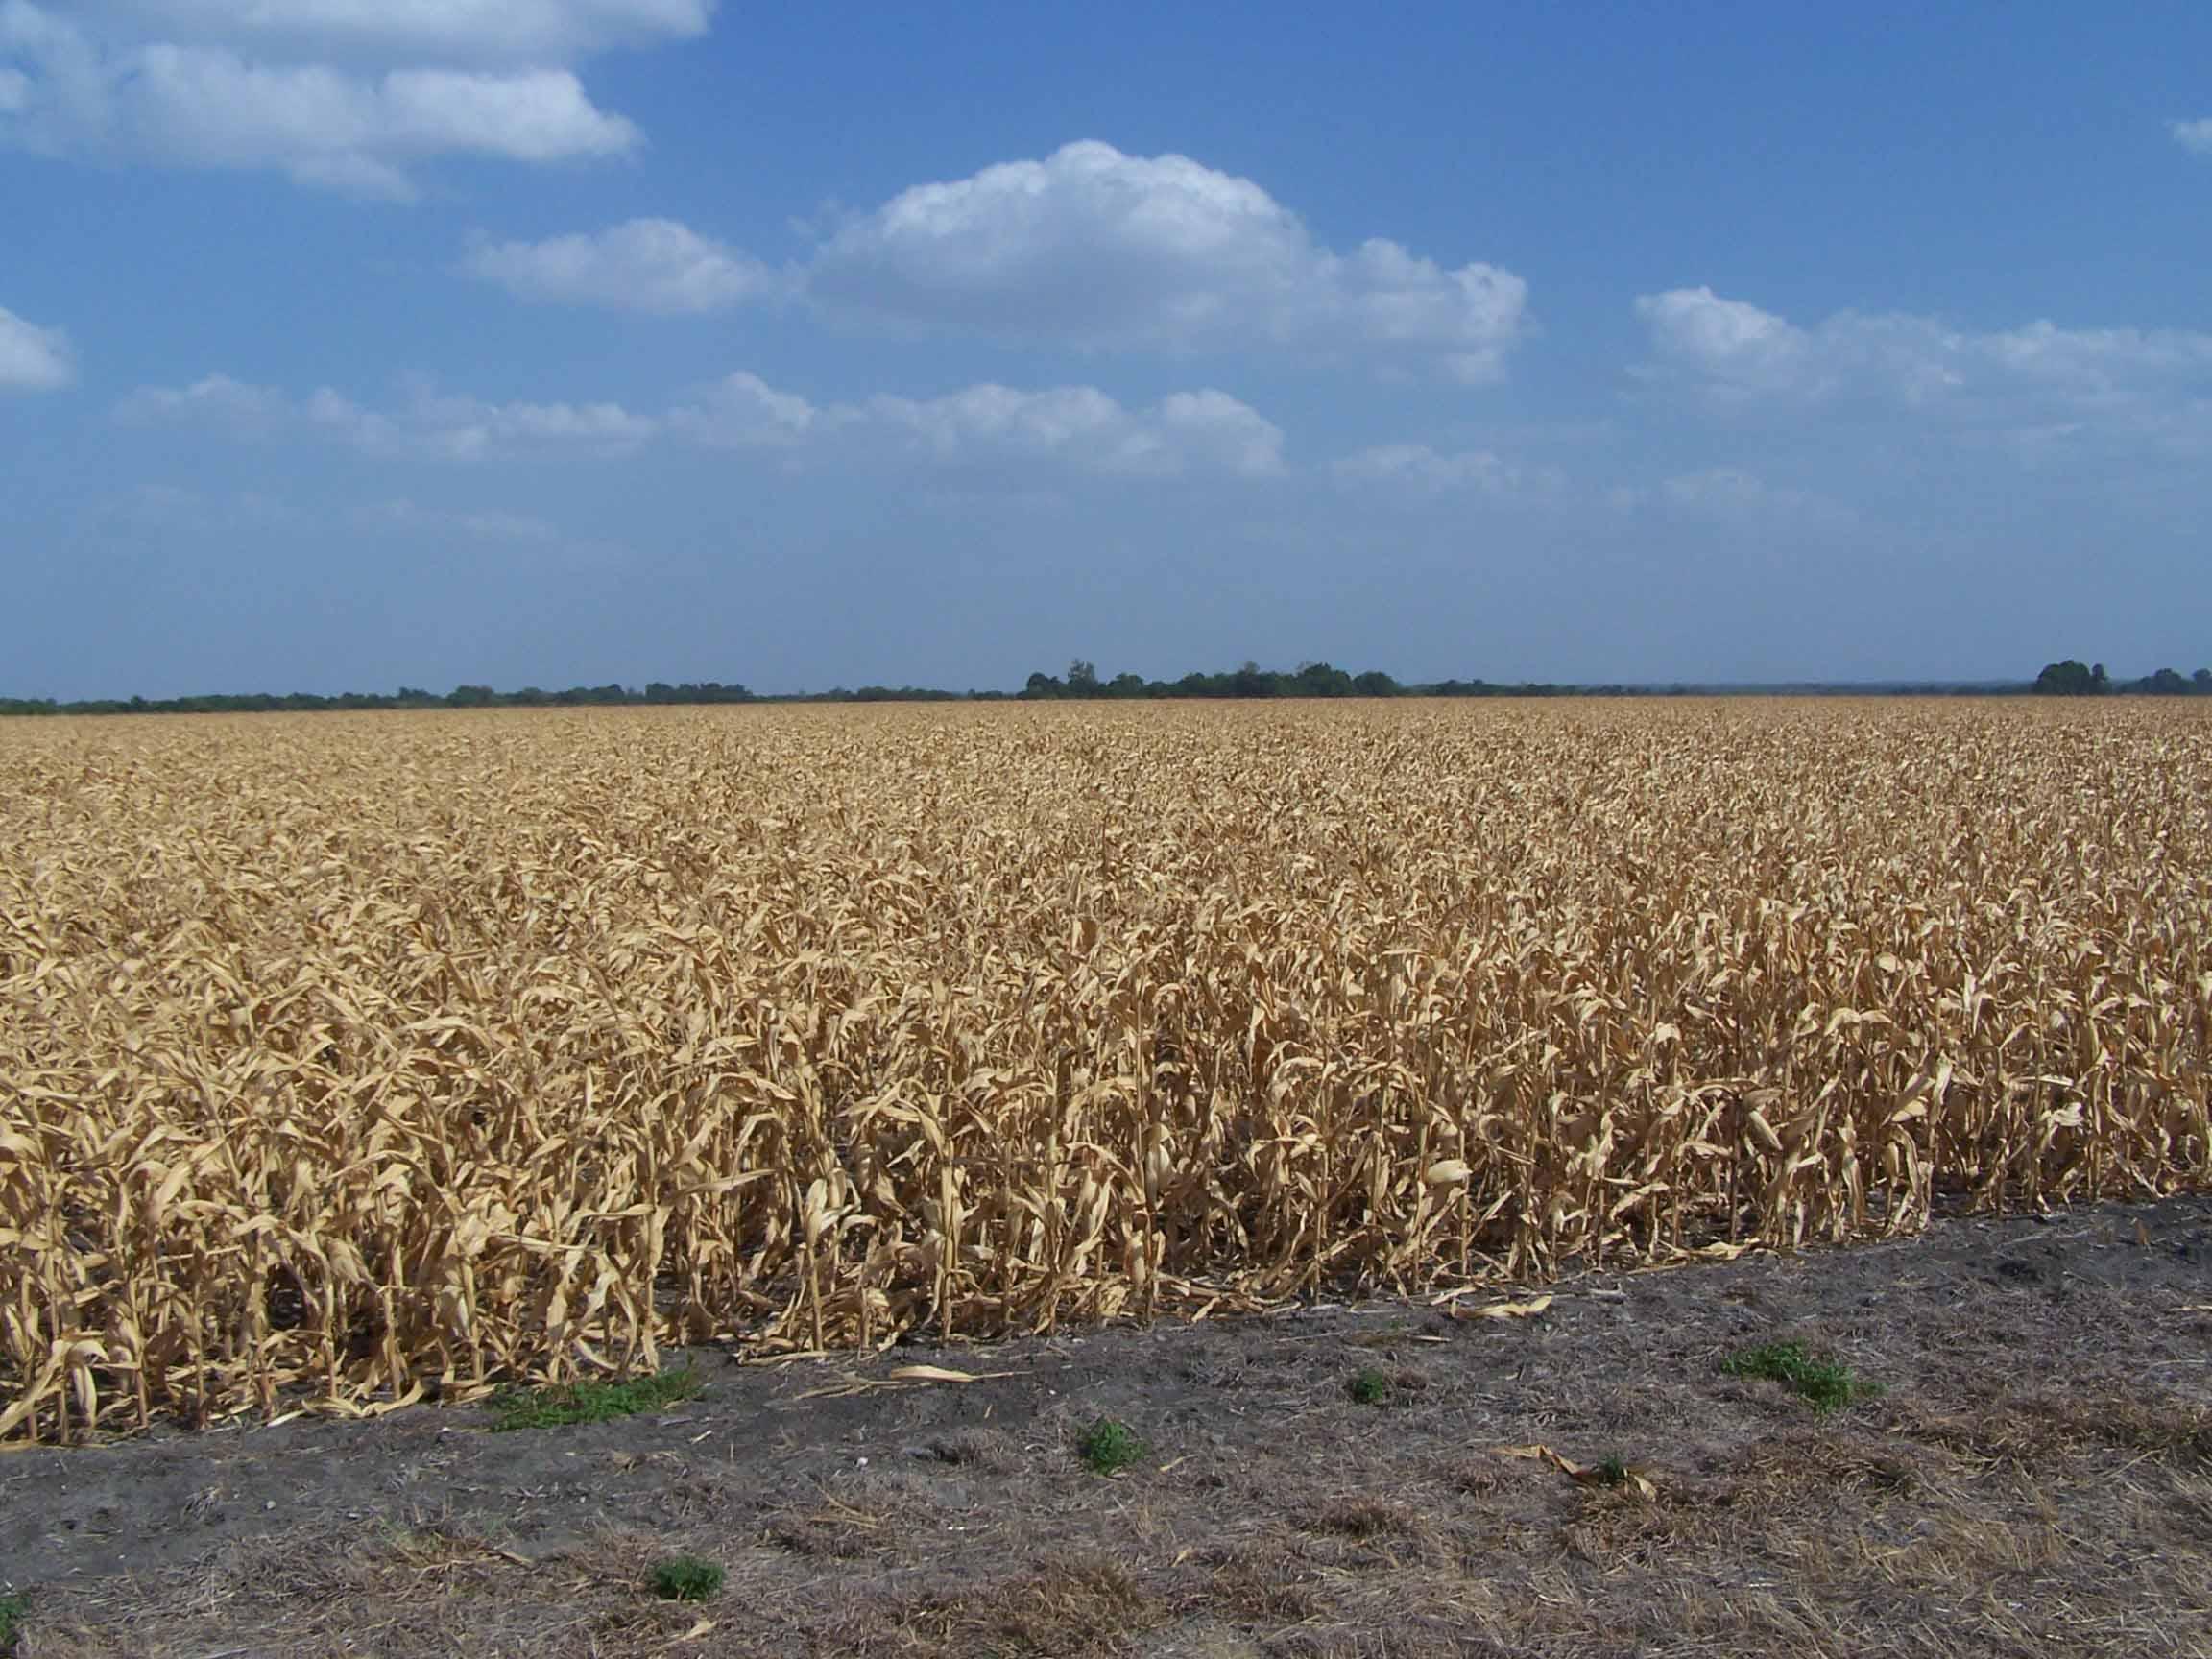 campi di mais colpiti dalla siccità